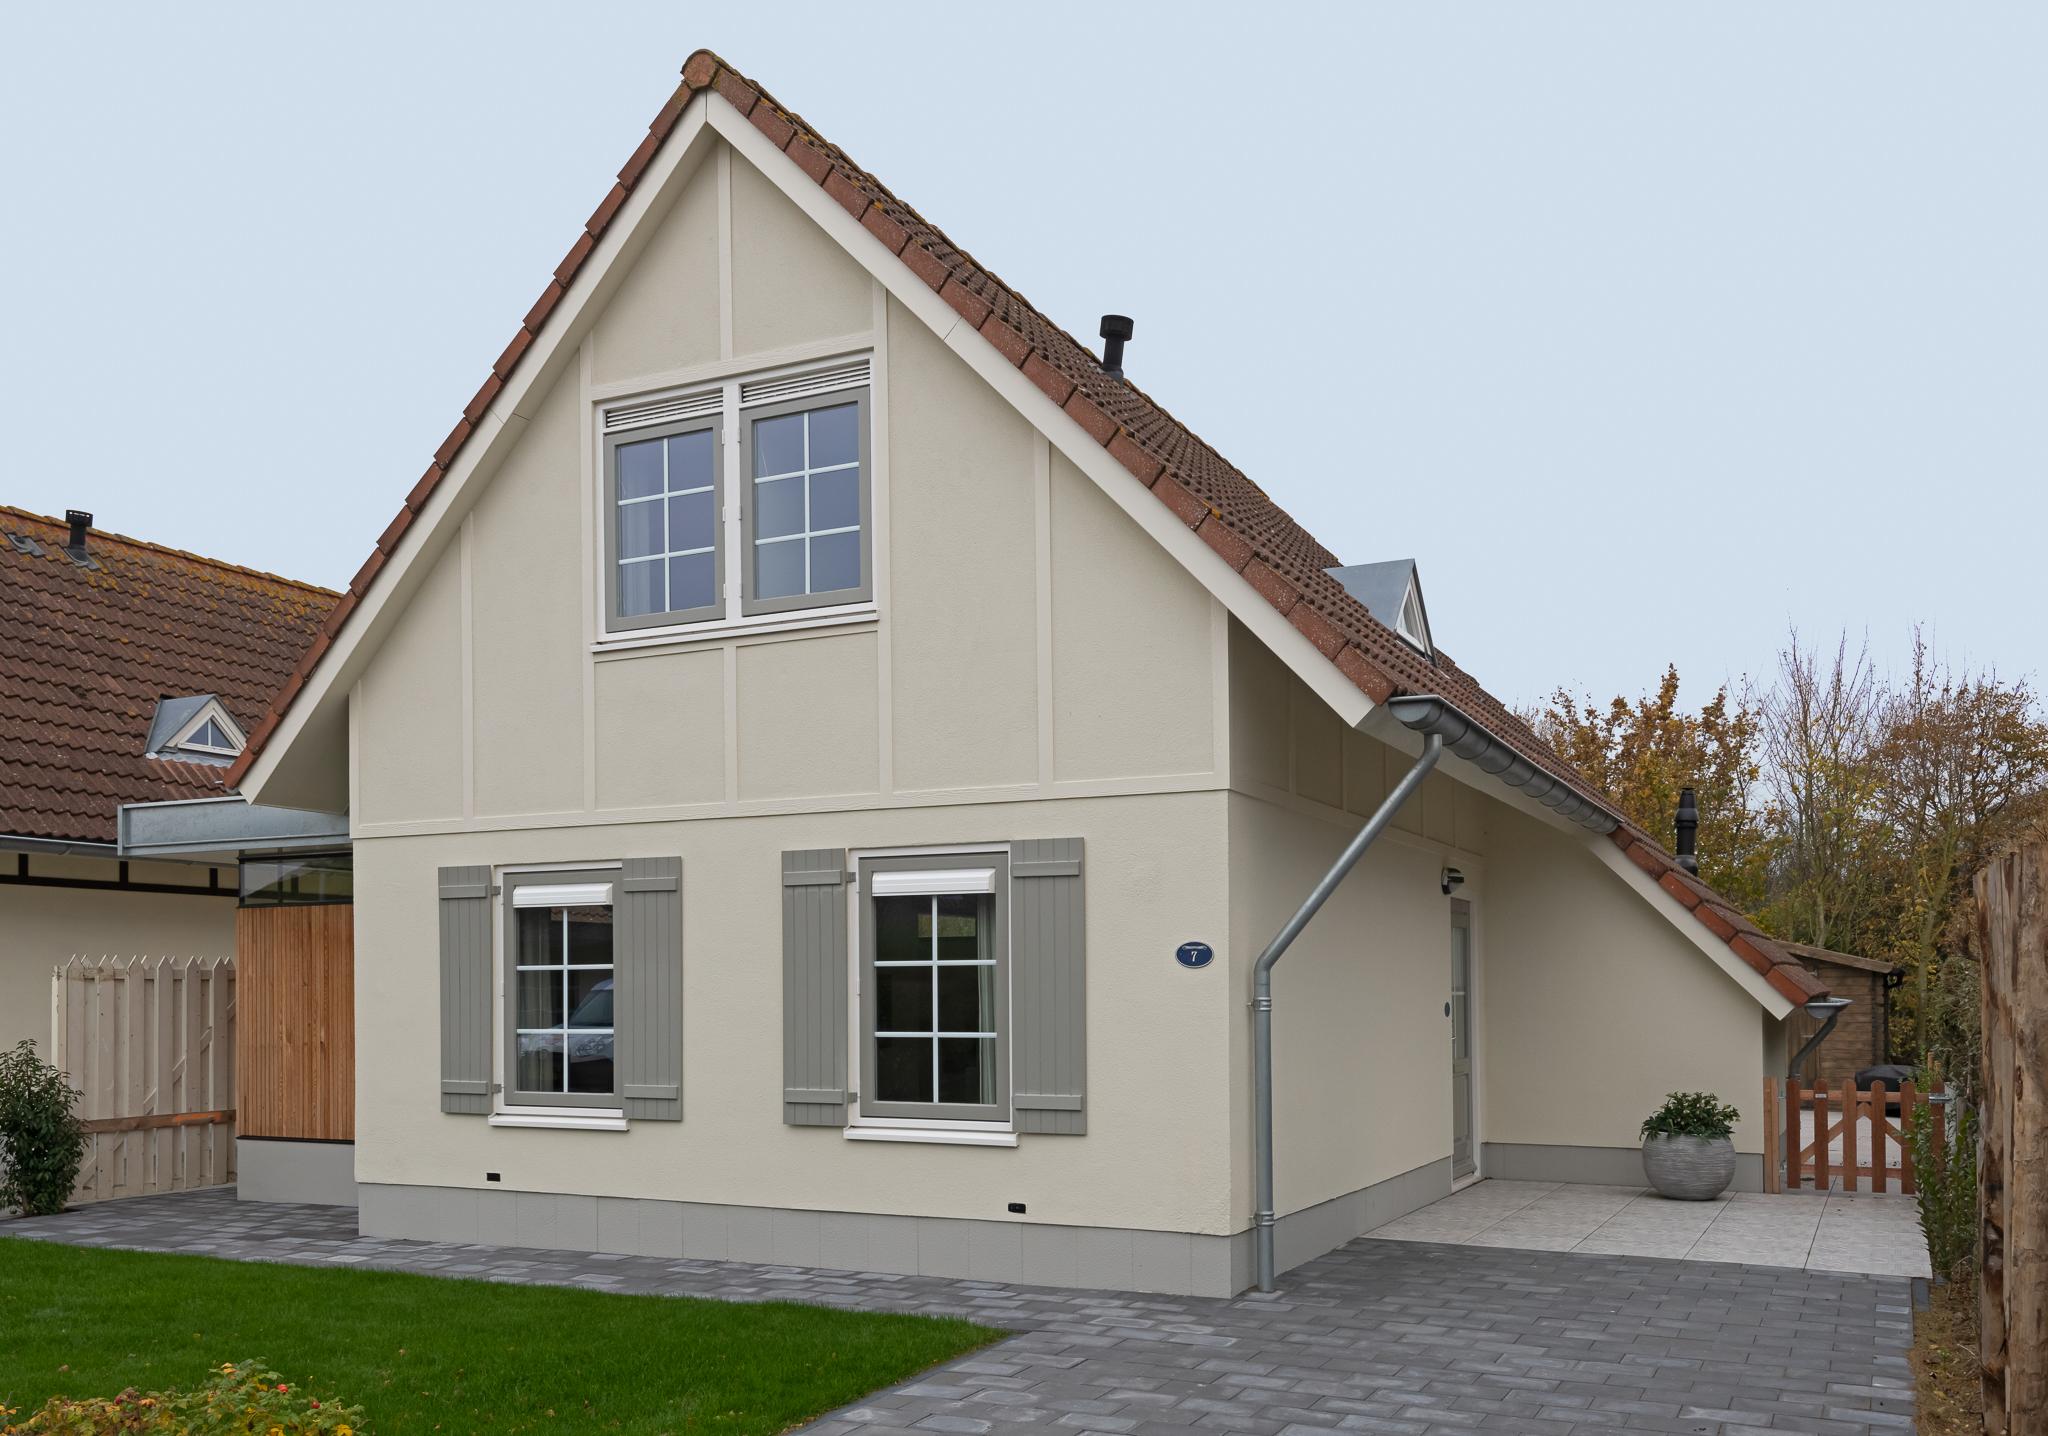 hof Domburg 22112018-2 (1 van 1)